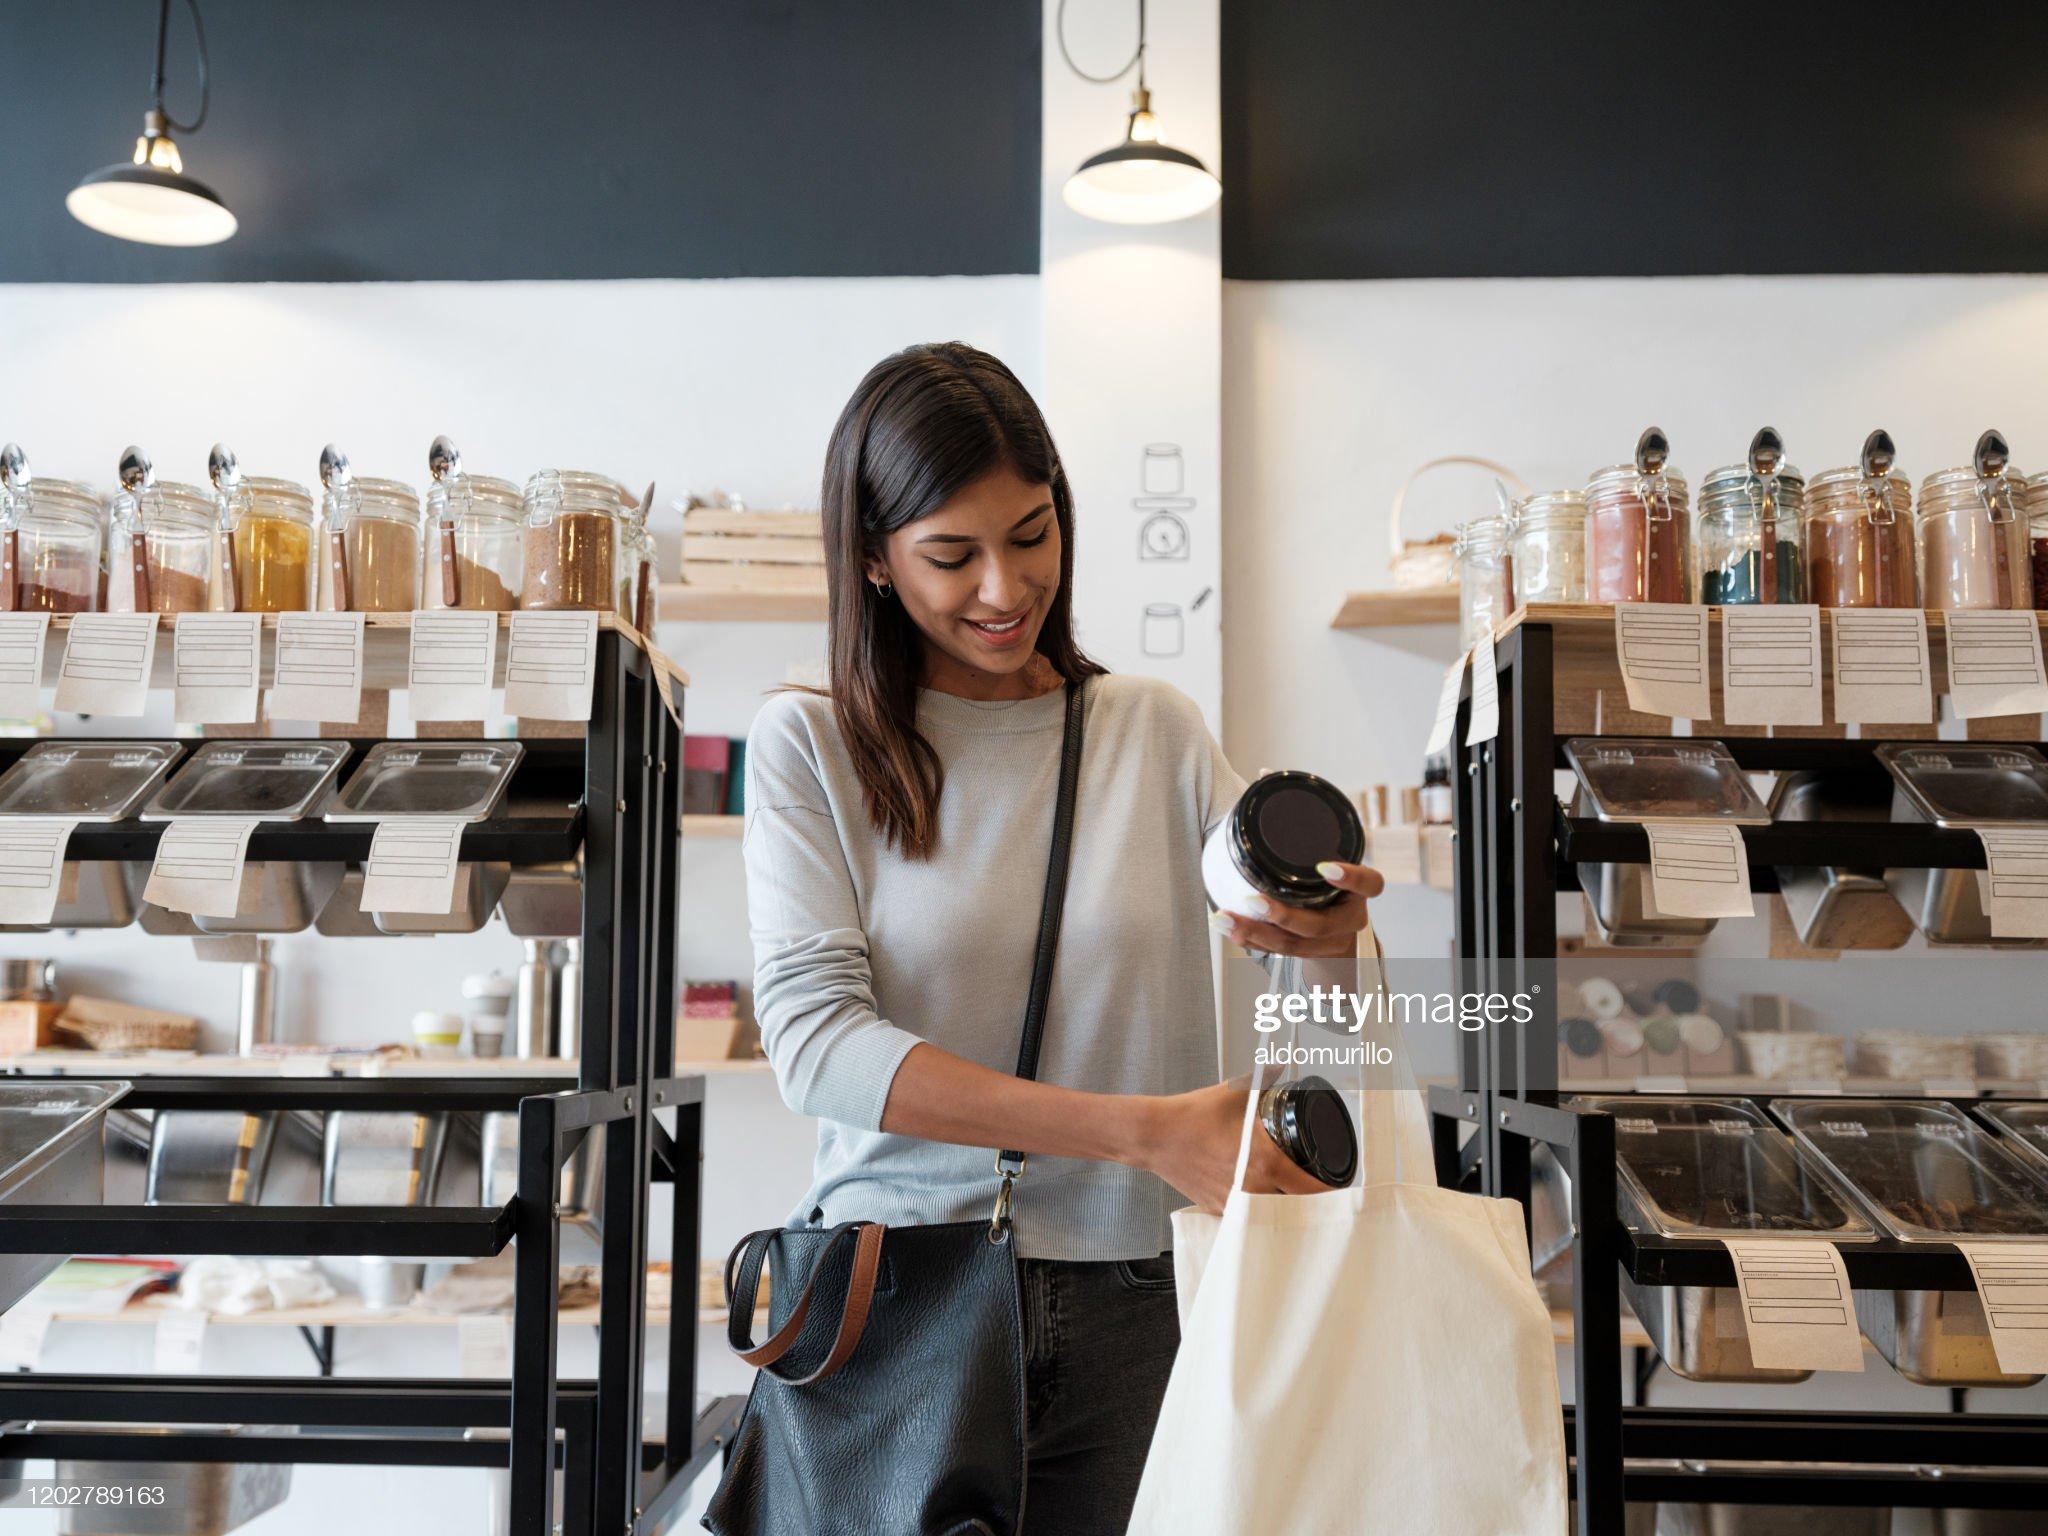 年輕女子把商品放在可重複使用的購物袋裡 : 圖庫照片